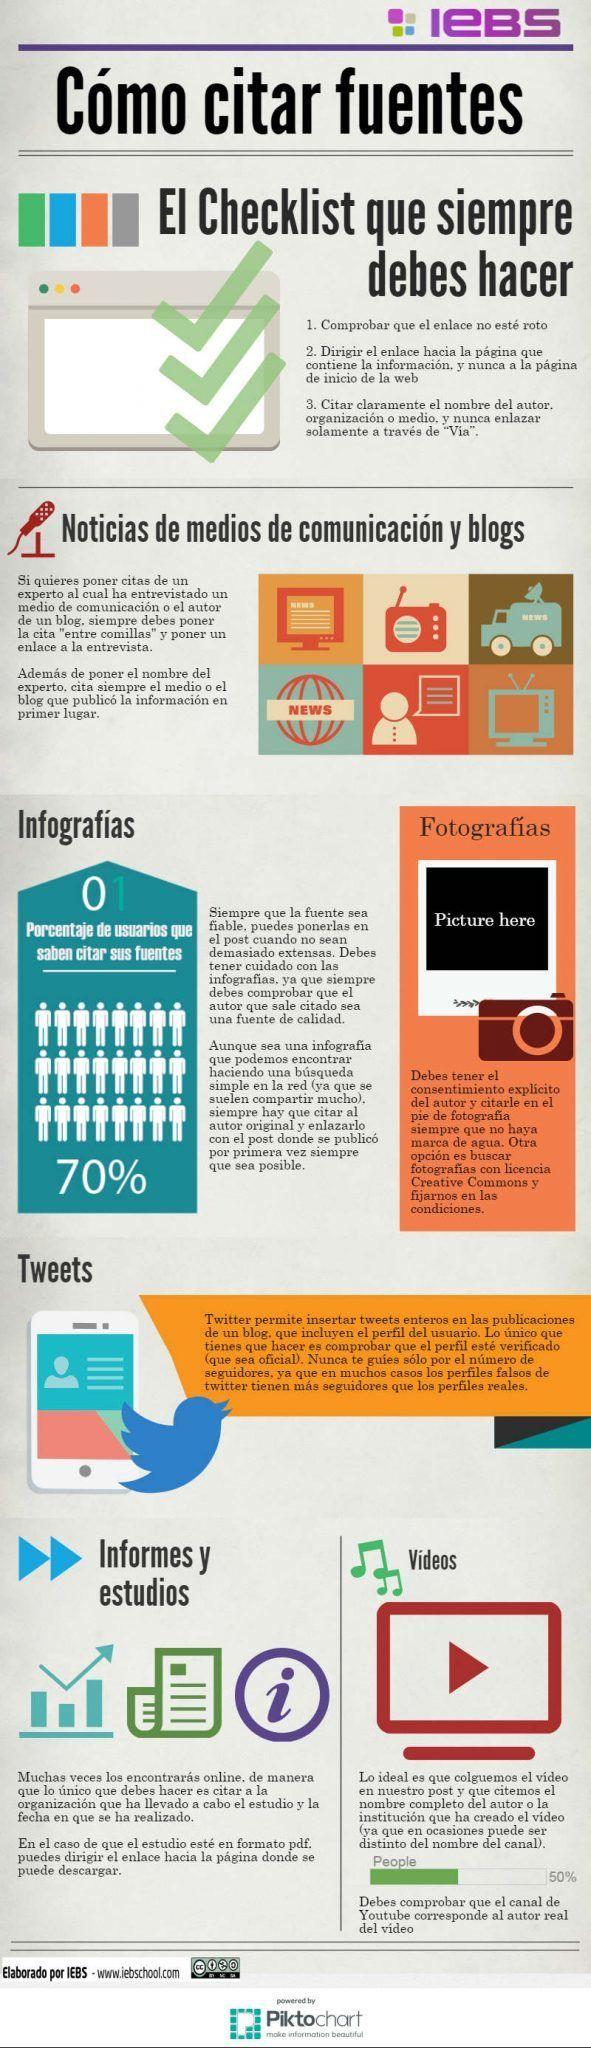 [Infografía] Cómo citar fuentes correctamente en tu blog